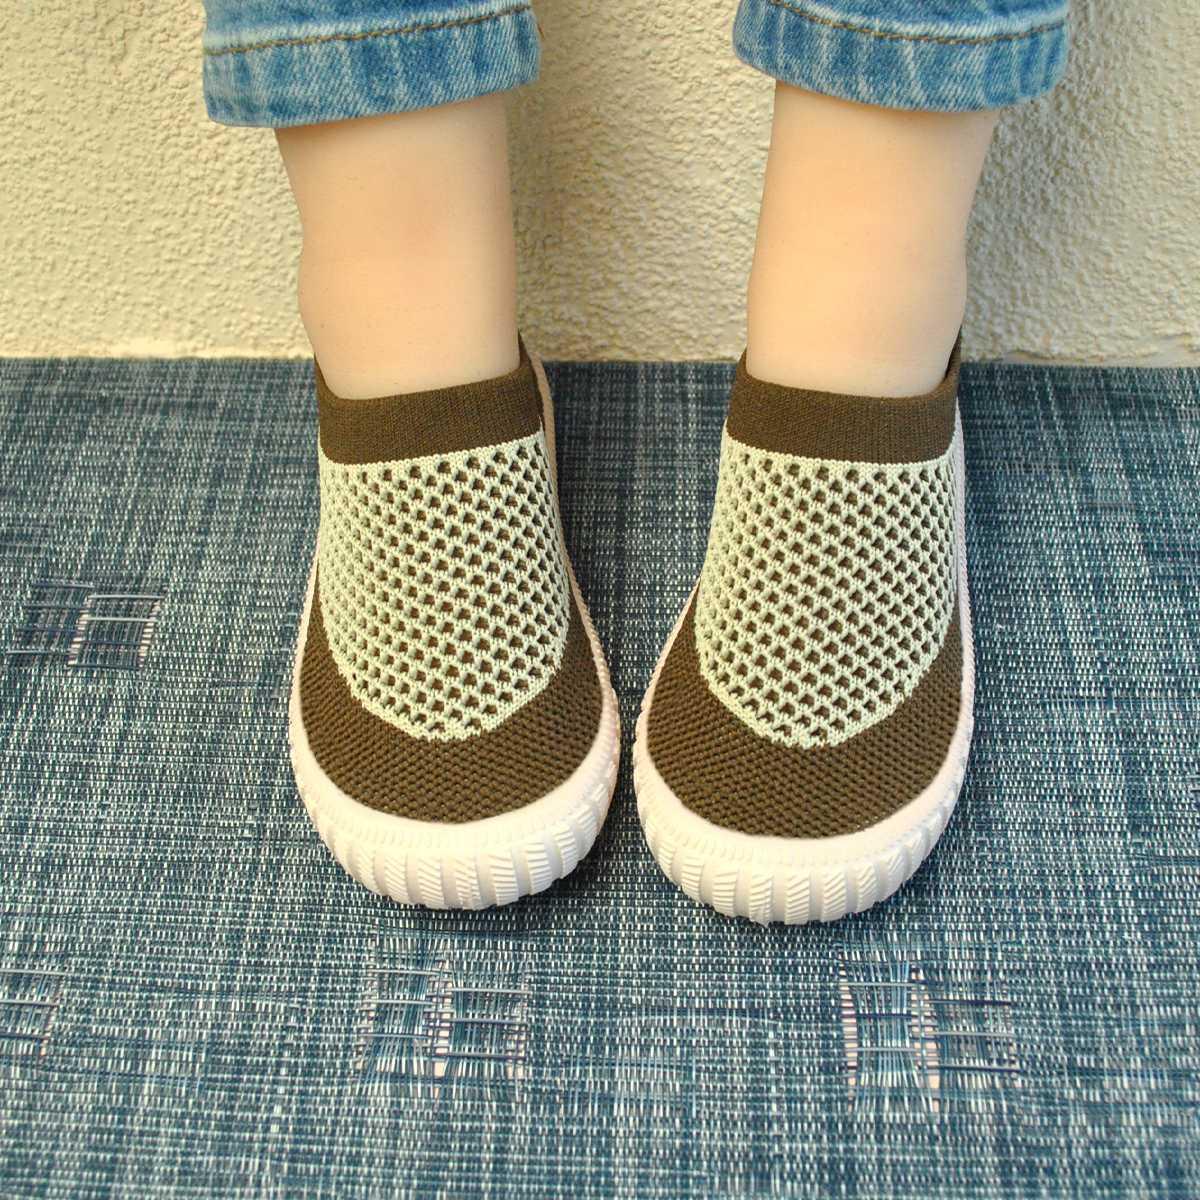 Zapatos deportivos para niños pequeños Liso